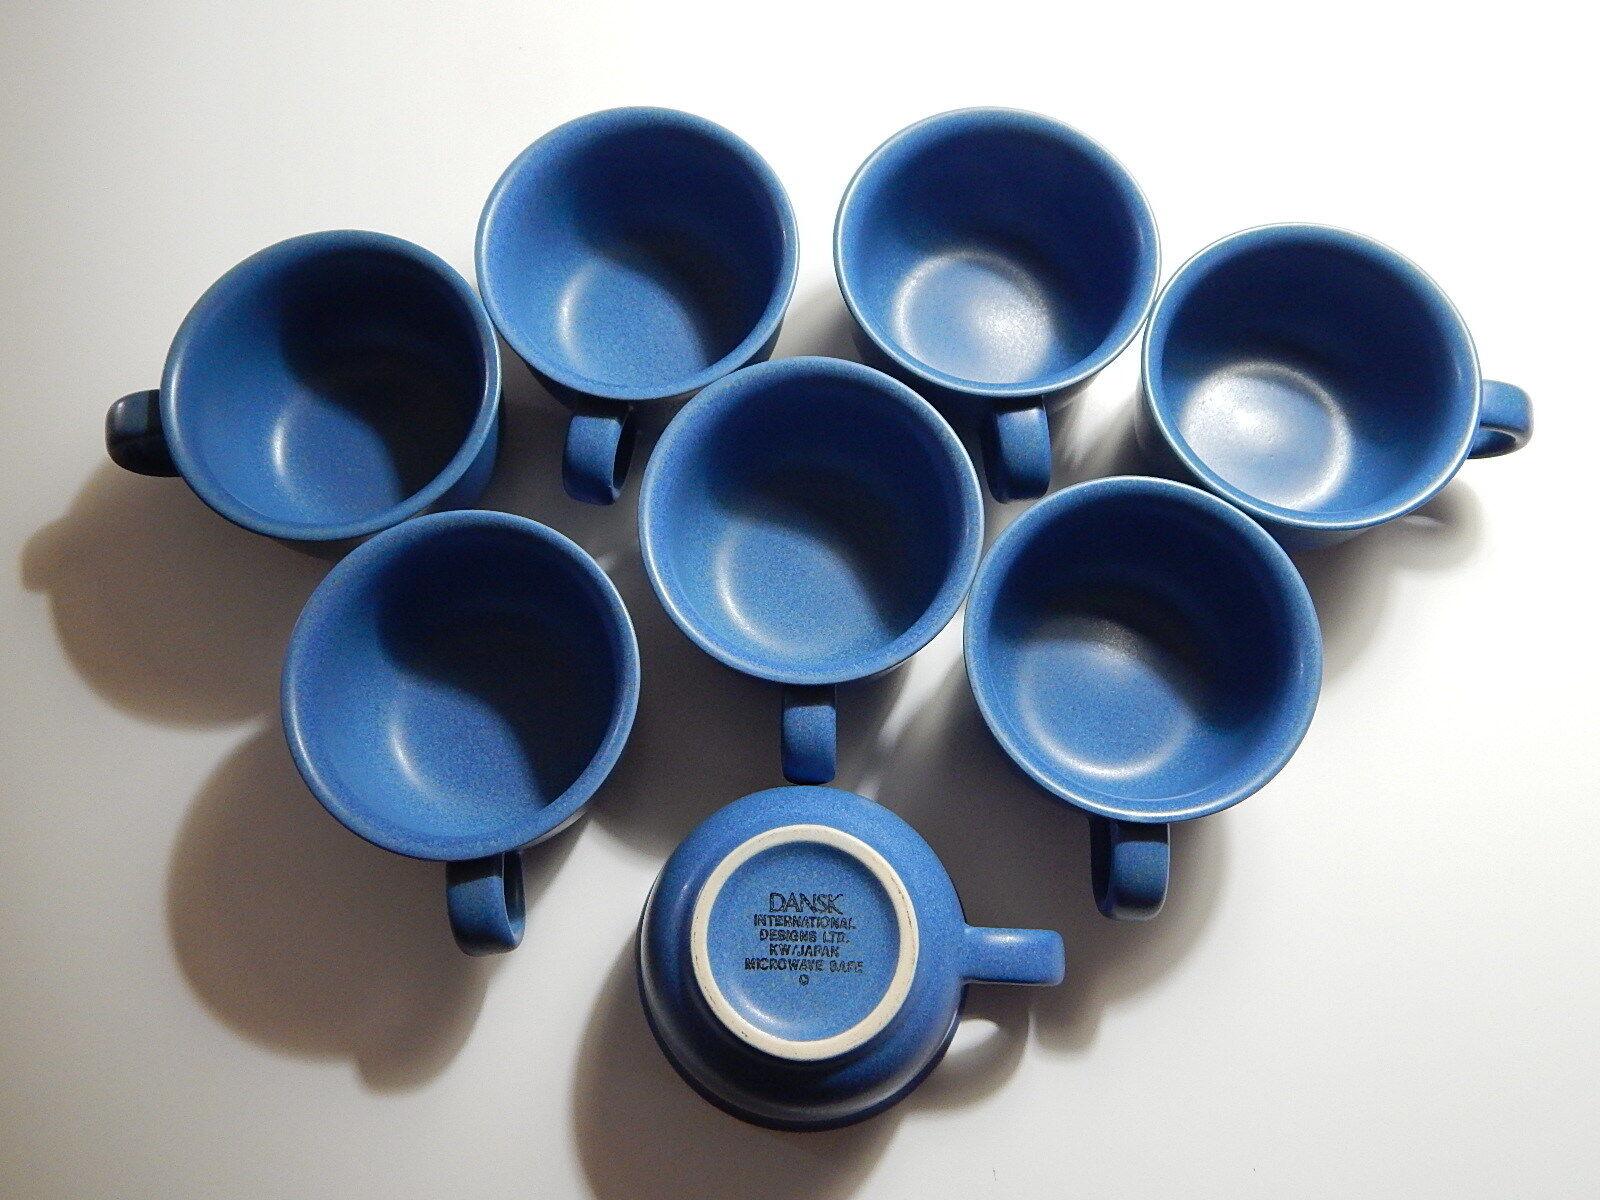 (8) Dansk bluee 8 oz Cups International Designs KW Japan